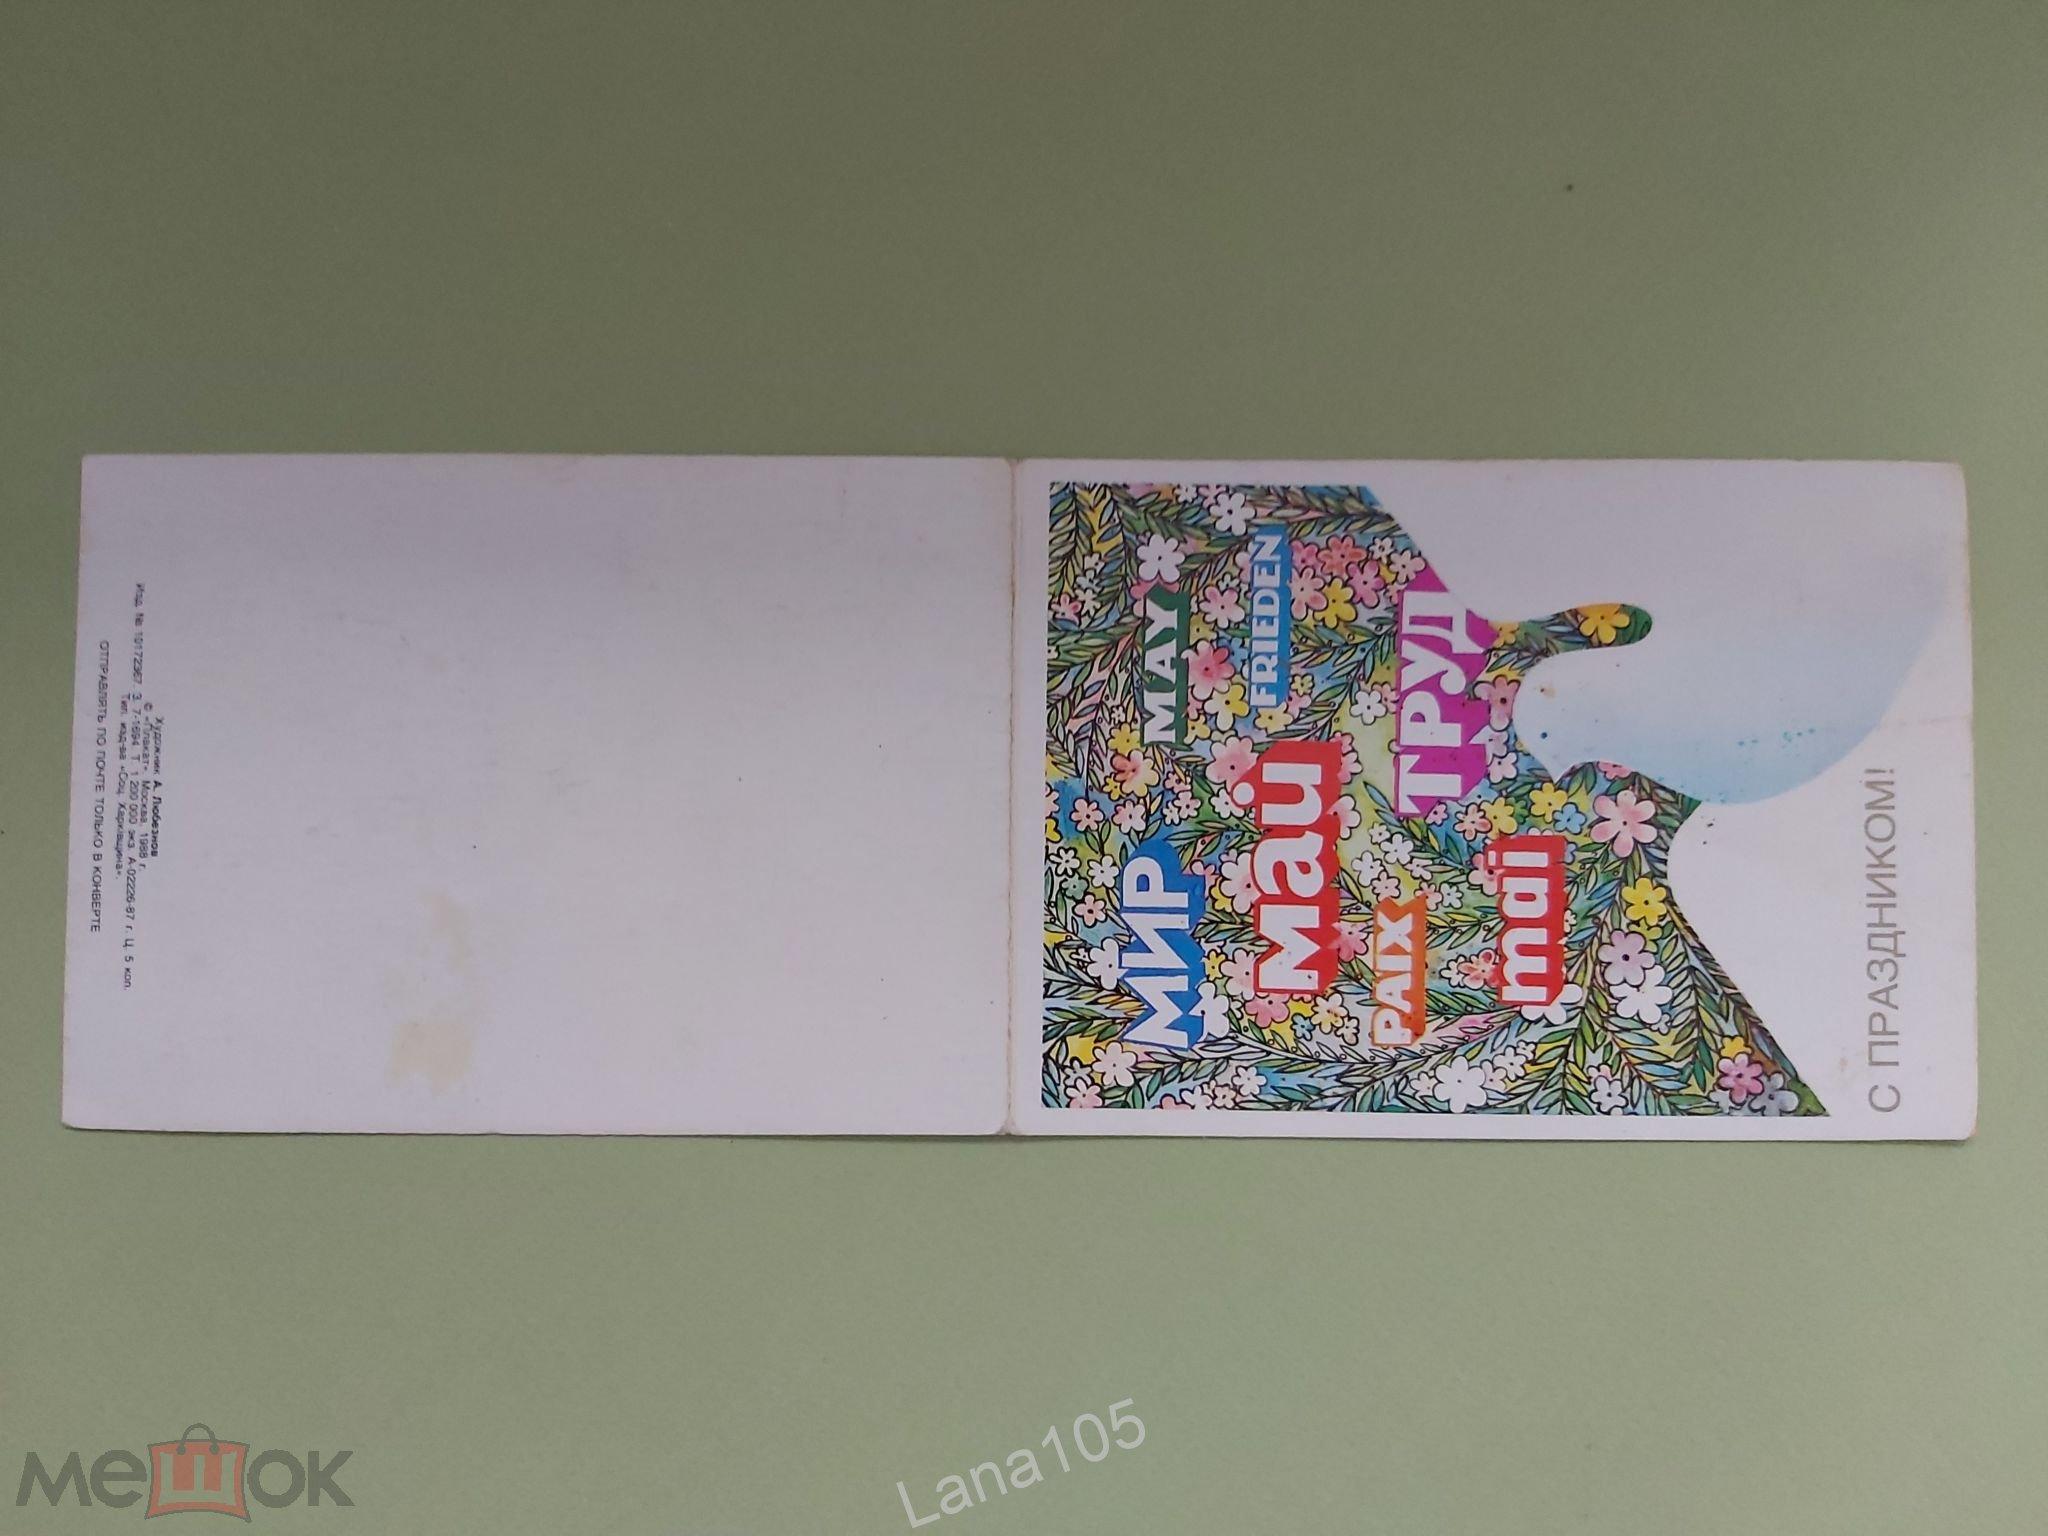 ОТКРЫТКА СССР. С праздником 1 МАЯ! МИР ТРУД МАЙ. Художник Любезнов. 1988 год. Чистая. Двойная. 0944